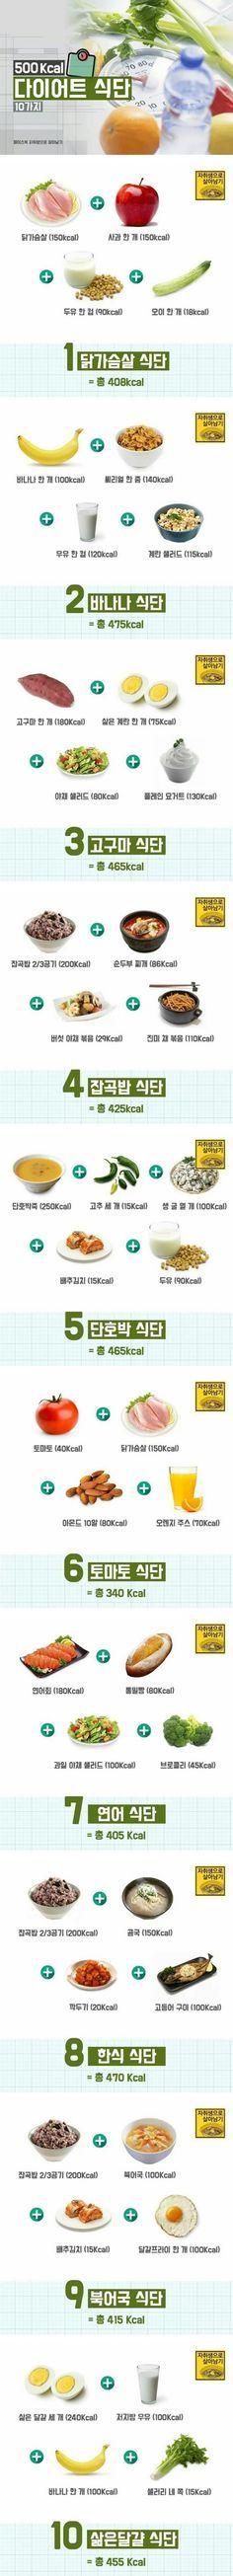 500 칼로리 다이어트 식단 10가지 Natural Cold Remedies, Herbal Remedies, Healthy Menu, Healthy Life, Endomorph Diet, Korean Diet, Diet Recipes, Healthy Recipes, Diet Meal Plans